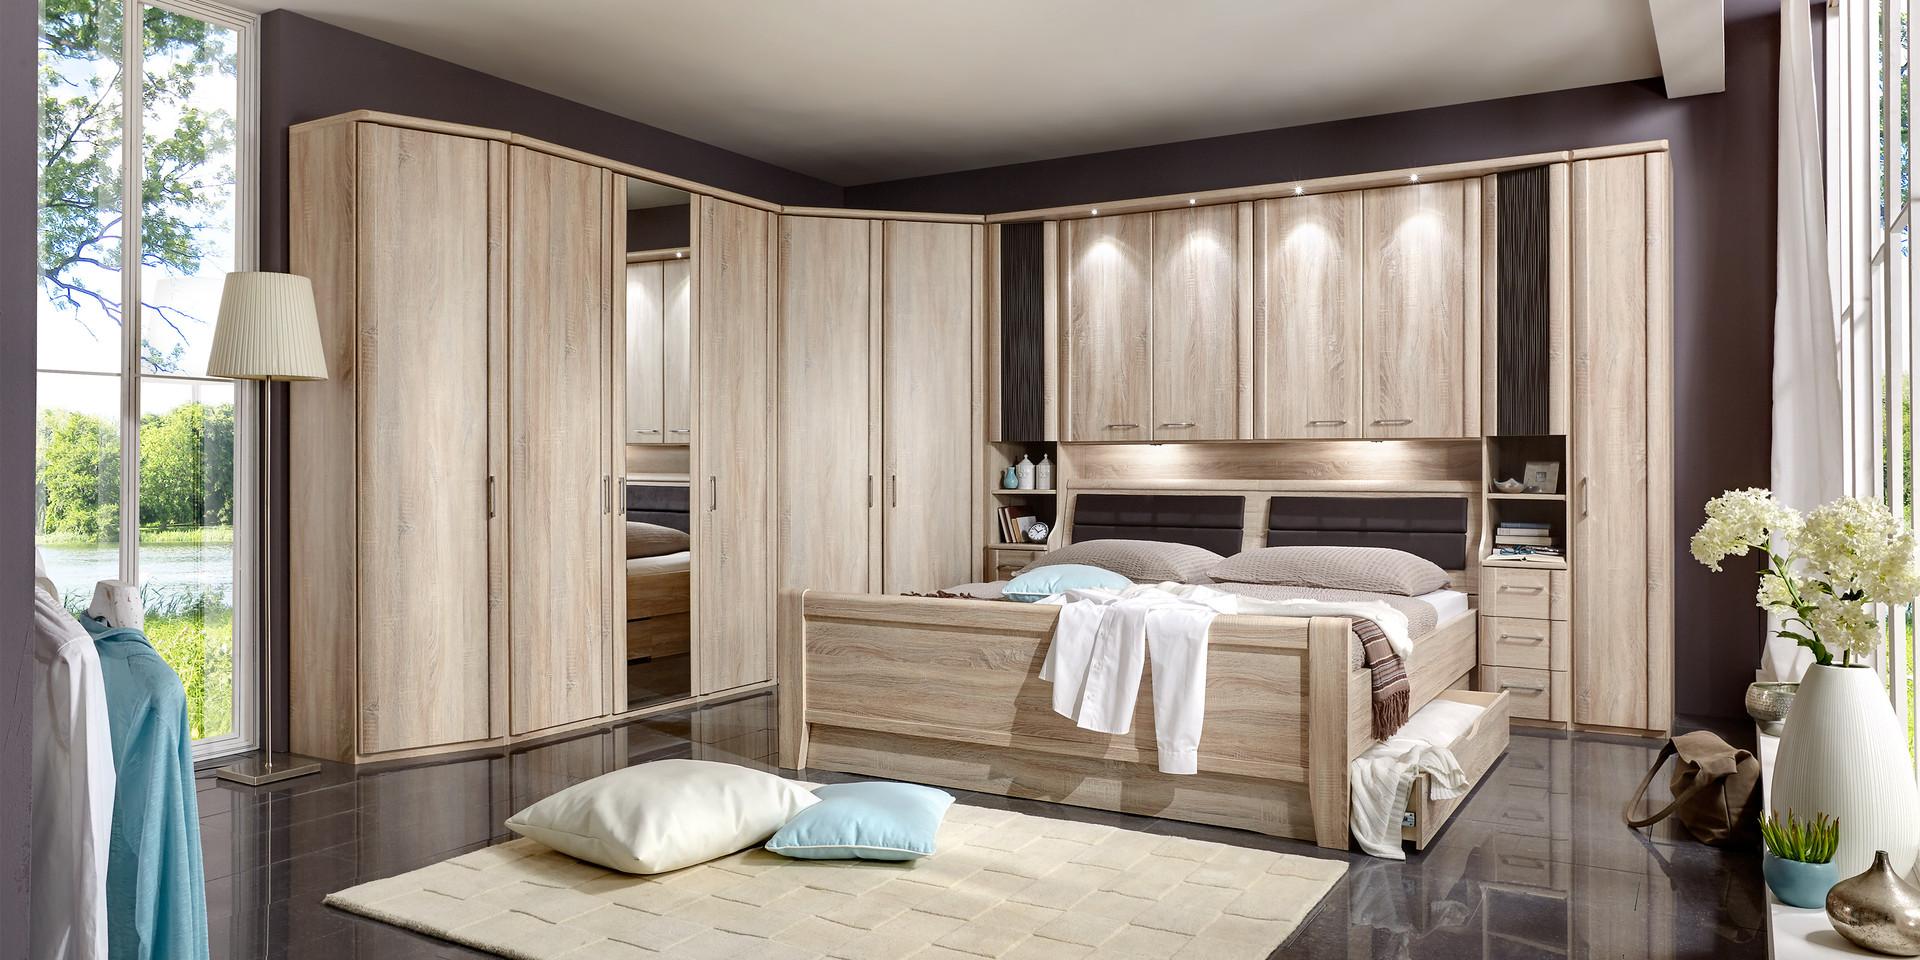 beautiful schlafzimmer programm luxor #1: Luxor 3+4 » Erfrischend vielseitig, überraschend anders. Schlafzimmer ...